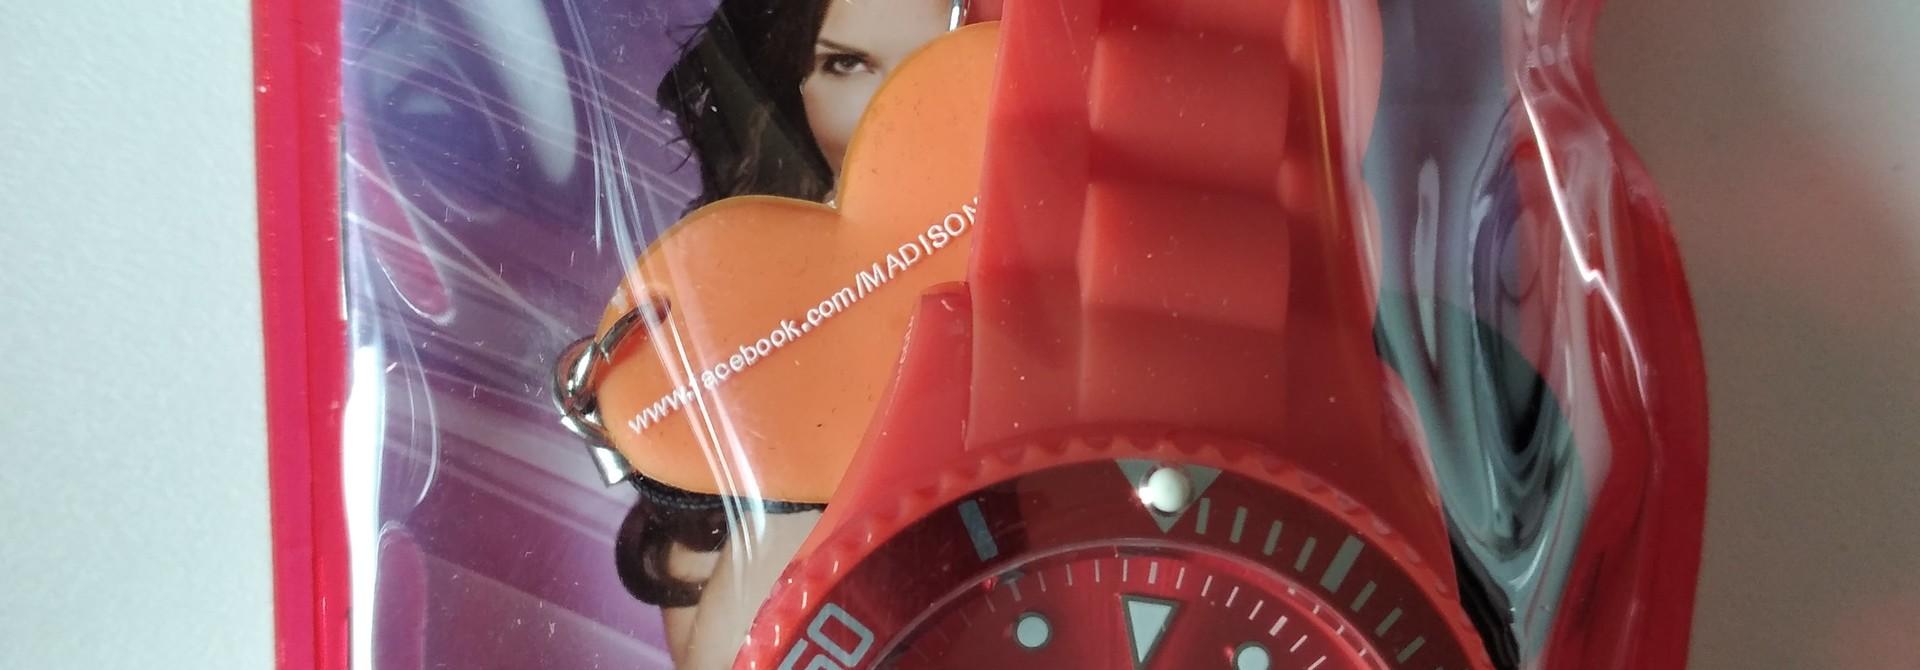 Madison Armbanduhr rot Candy Time